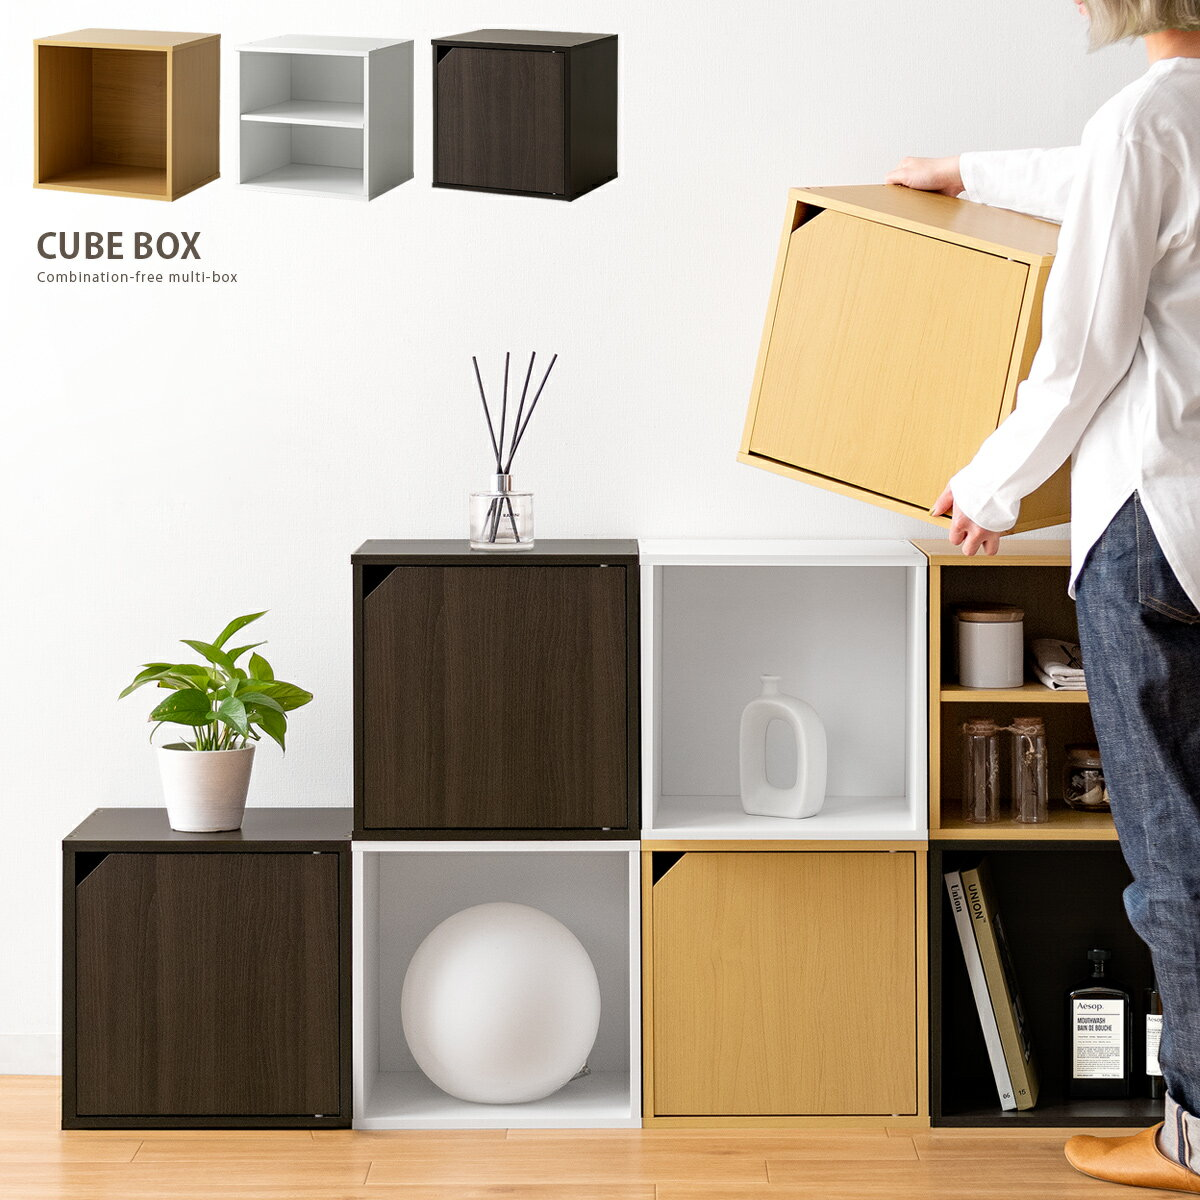 キューブボックス 木製 ラック 棚 収納ボックス カラーボックス 本棚 収納棚 おしゃれ 収納ボックス 収納ラック 家具 オープンラック 扉付き 棚付き 積み重ねOK 収納 シェルフ 北欧 シンプル CUBE BOX〔キューブボックス〕 送料無料